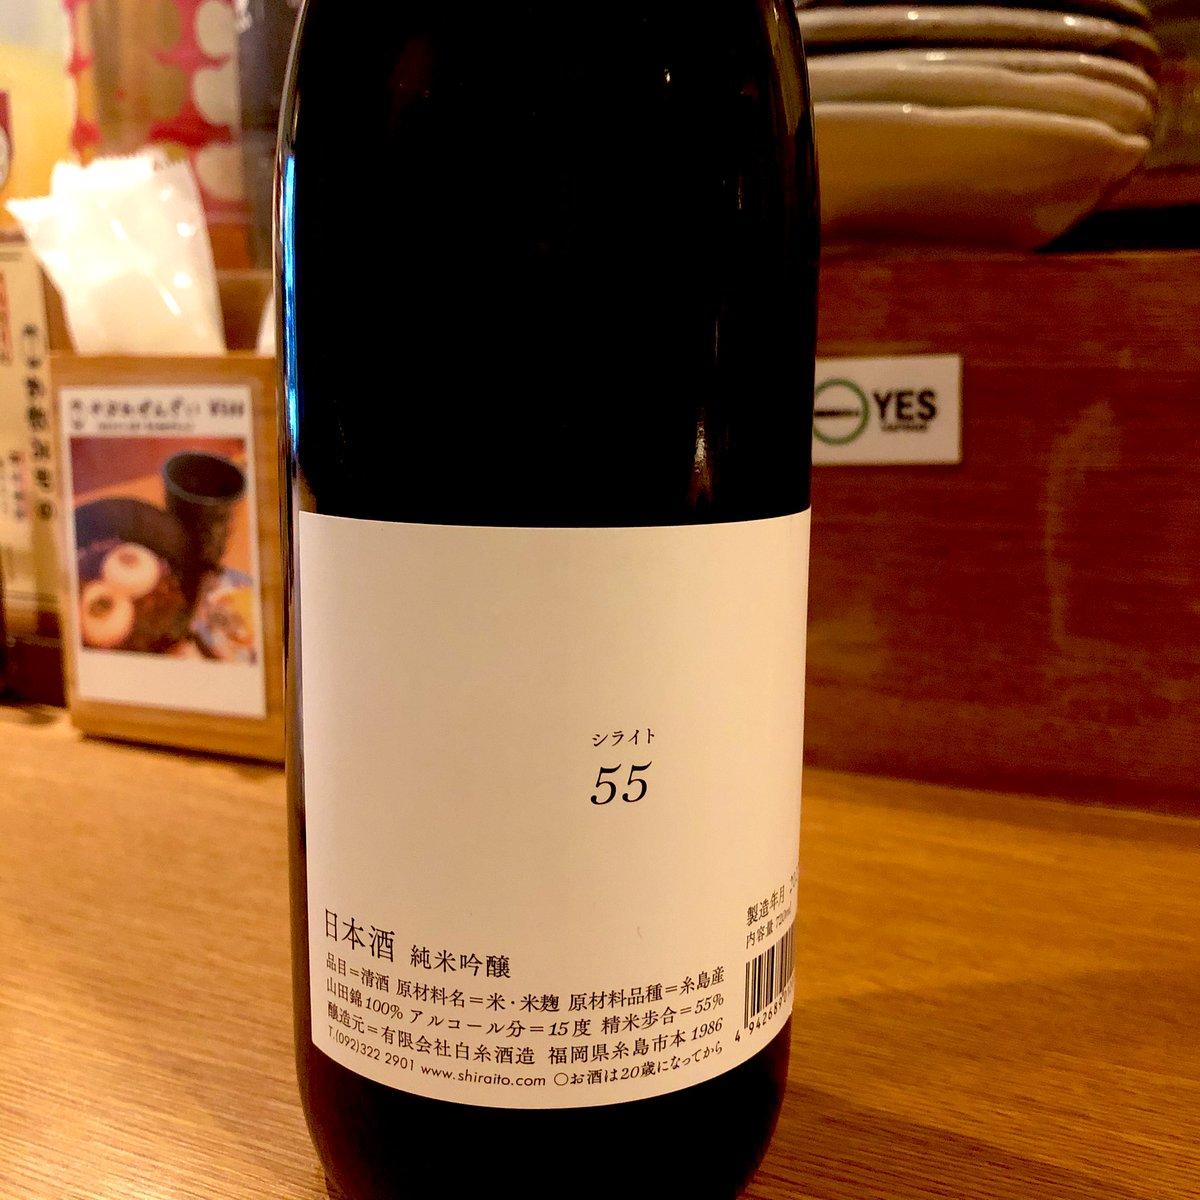 test ツイッターメディア - 九州のお酒🍶飲もうよ!  糸島産の山田錦のみ使用 しフルーティな香りの純米吟醸酒白糸55 純米吟醸  福岡にも美味しいお酒🍶は沢山あります。 今回は白糸酒造さんの日本酒をみなさんにお届けします!  もちろんお酒に合う肴も沢山ありますよ😊  是非一杯いかがですか!  本日も13時オープン❣️  #LGBT https://t.co/dSC7wbTytq